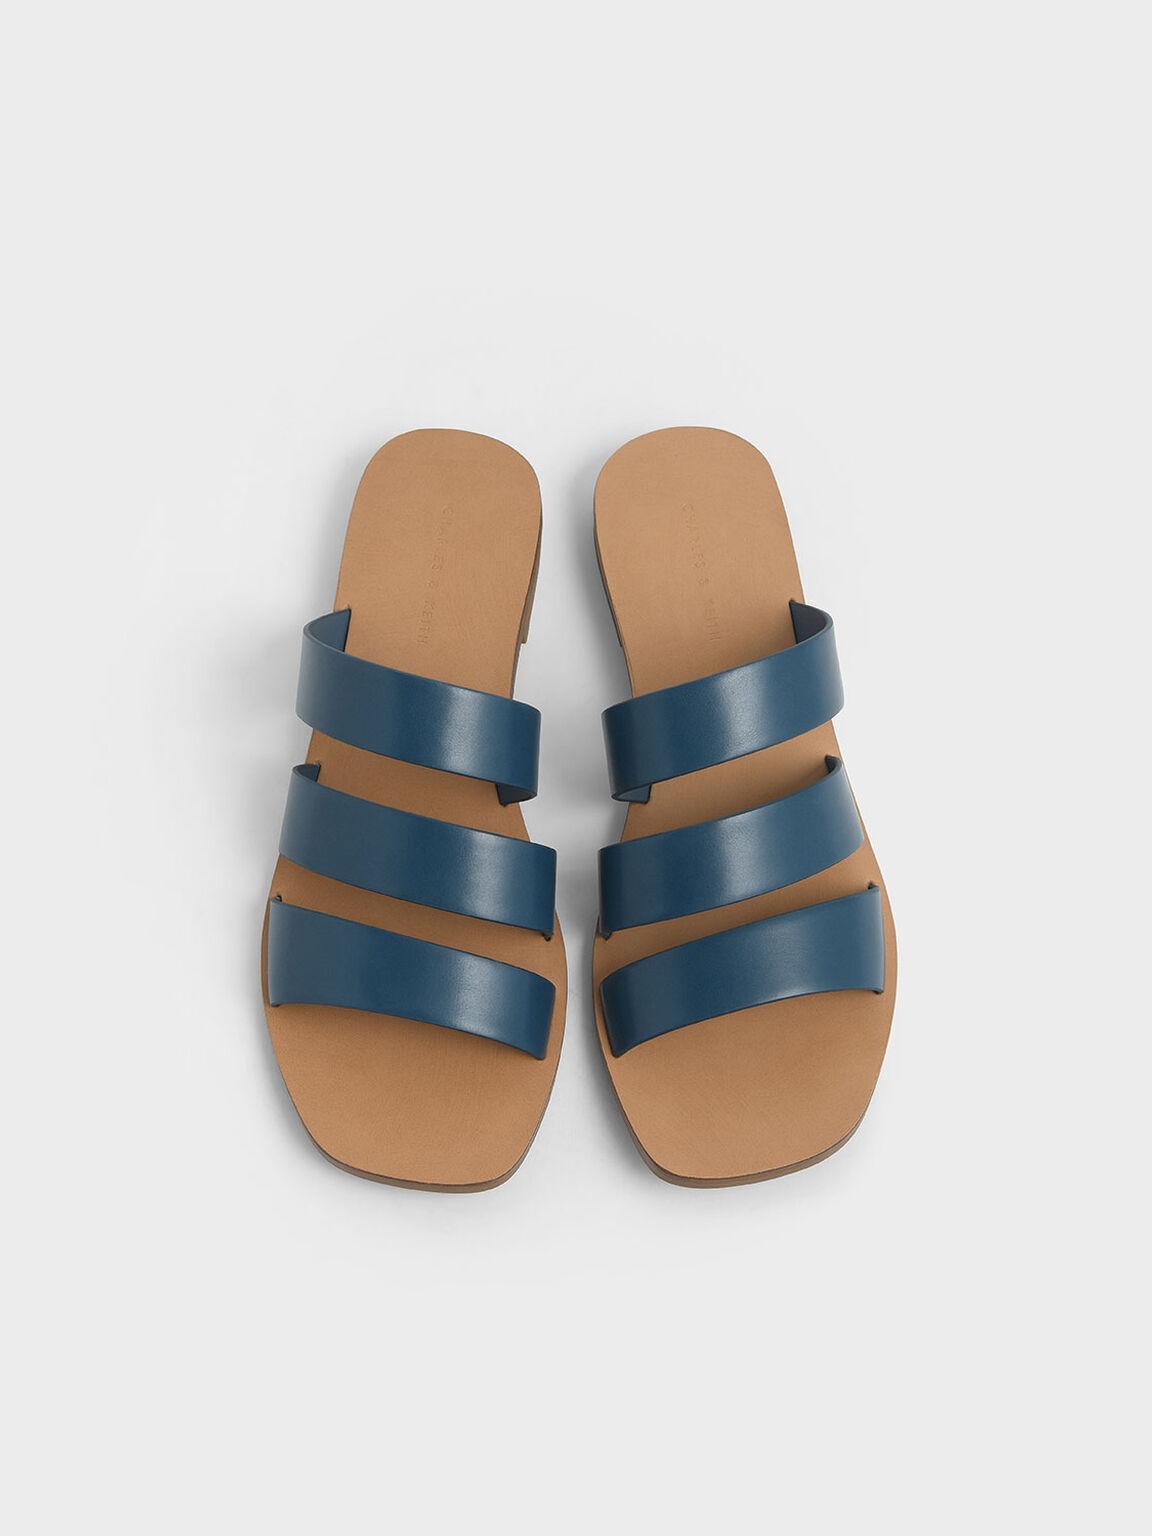 多帶平底拖鞋, 藍色, hi-res